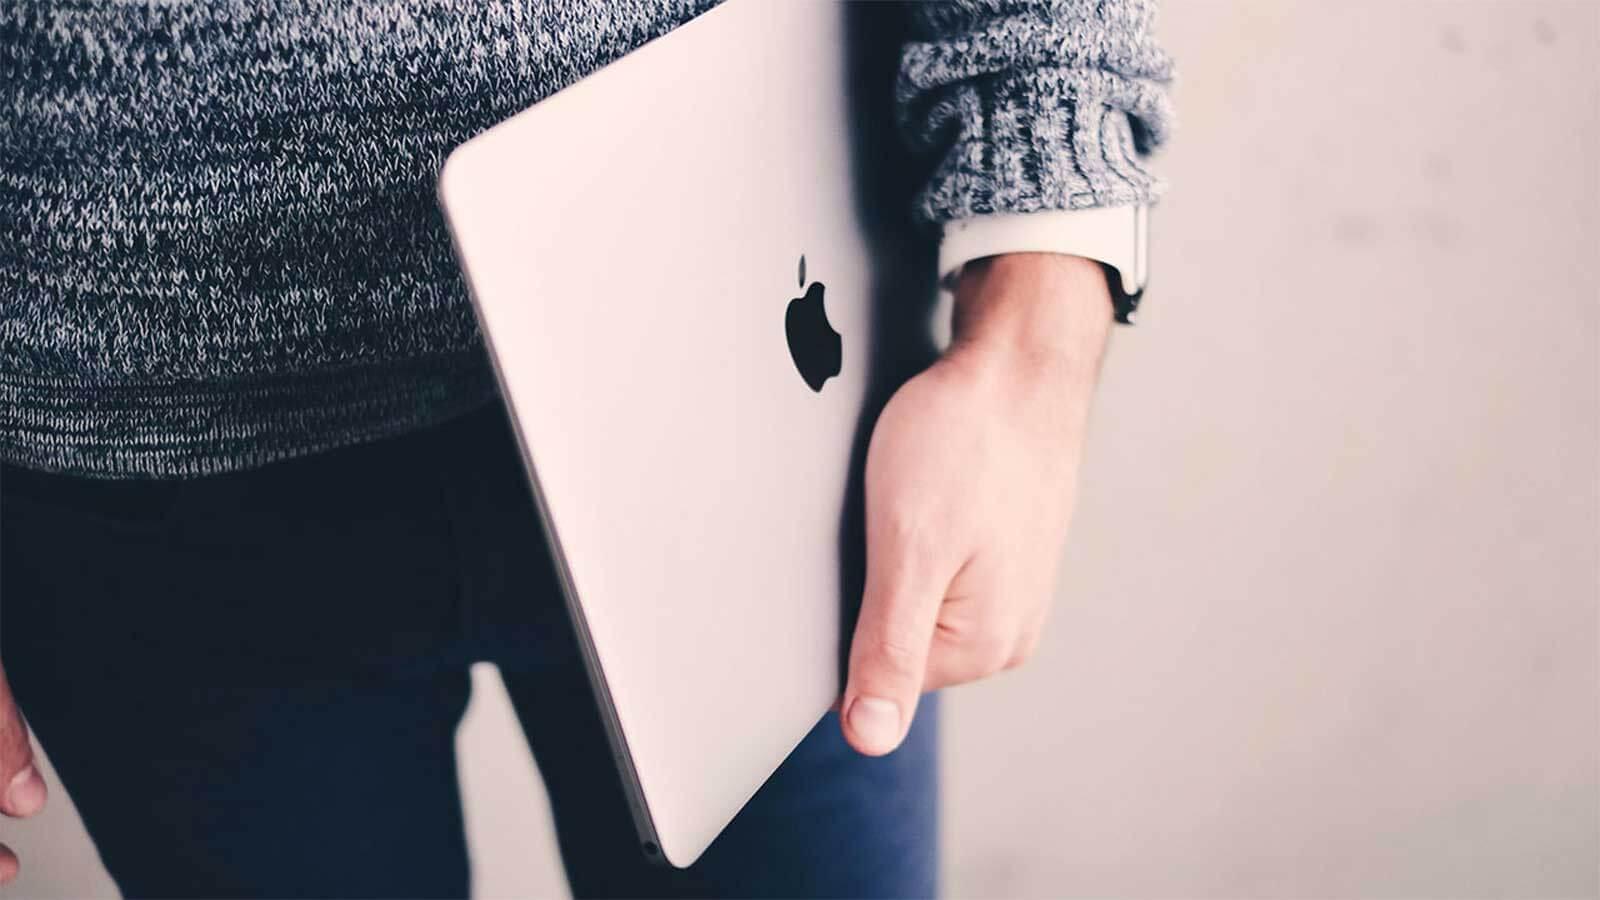 Macbook yazıcı ekleme Macbook Yazıcıyı Görmüyor Sorunu Macbook Yazıcıyı Görmüyor Sorunu macbook yazici baglantisi